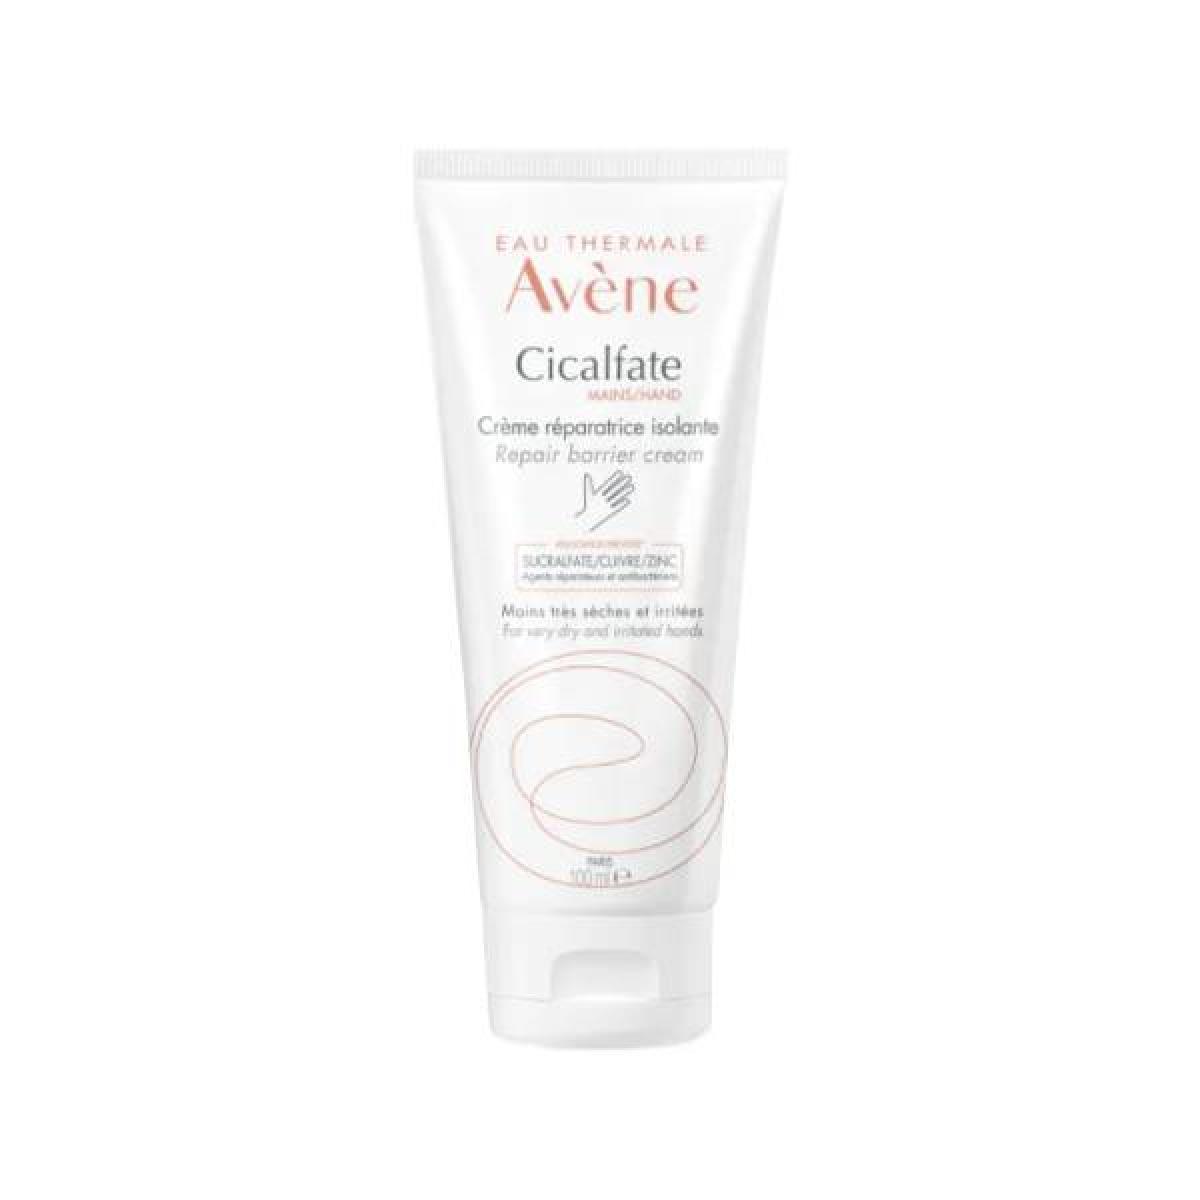 AVÈNE Cicalfate mains crème réparatrice isolante 100ml